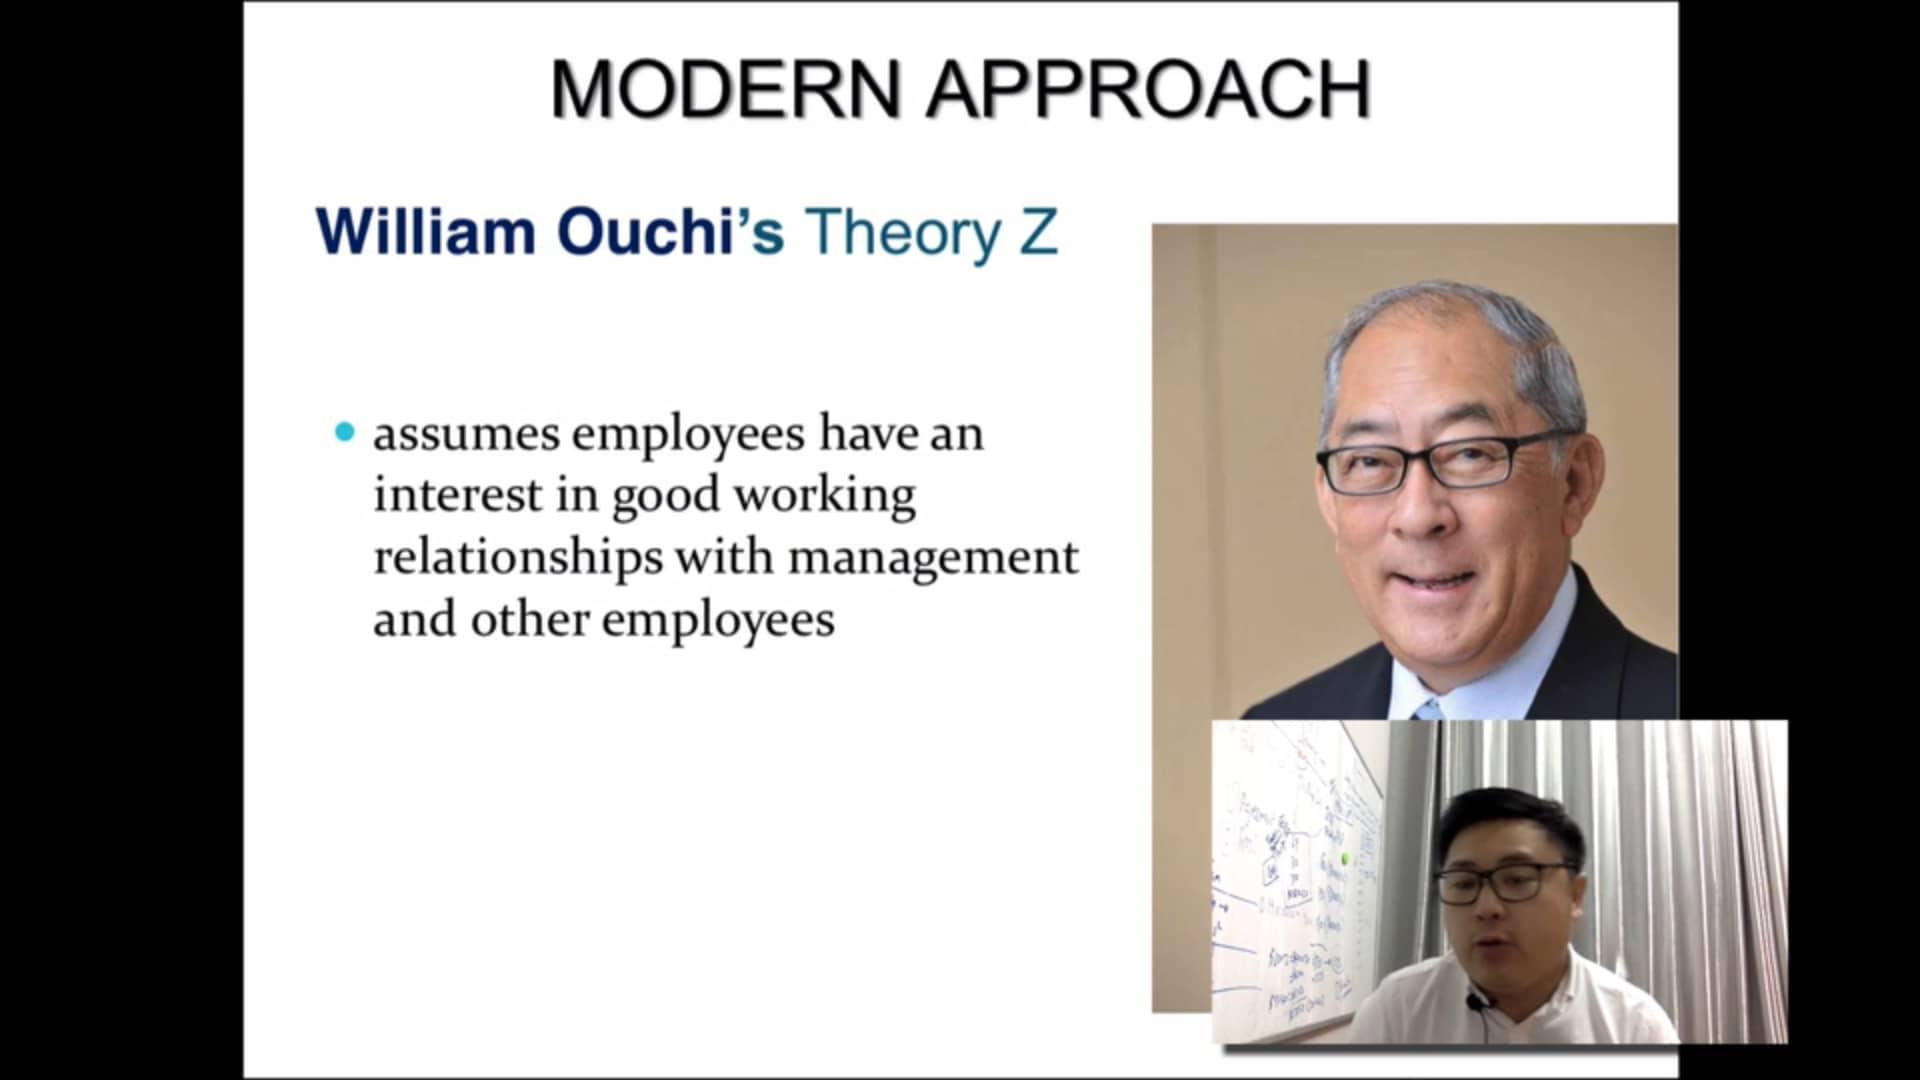 Modern management approach OB 13